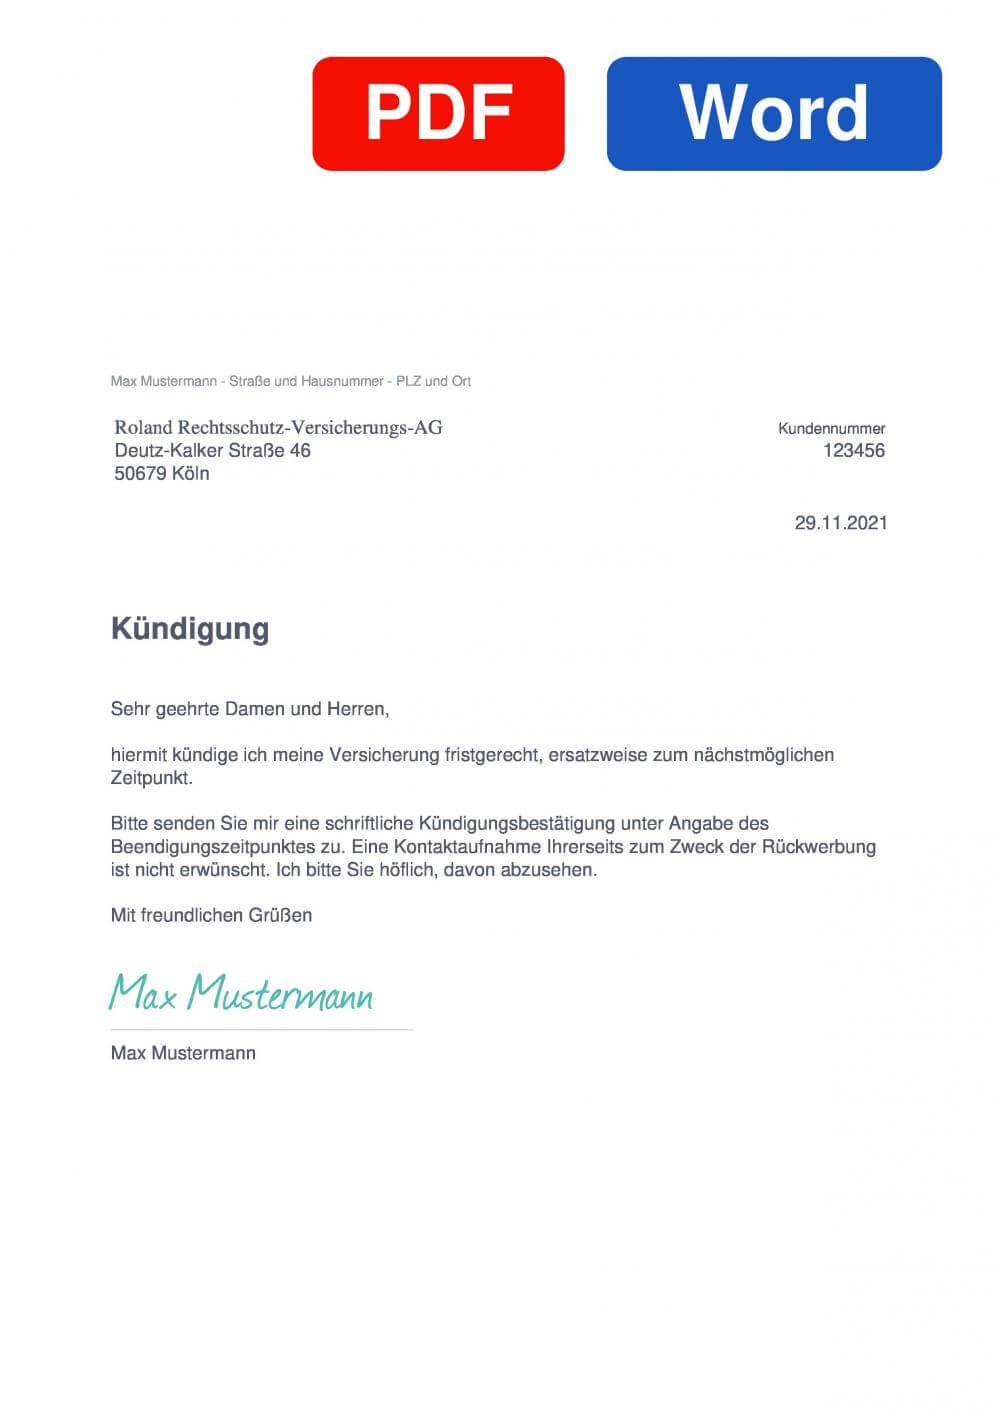 ROLAND Rechtsschutz Muster Vorlage für Kündigungsschreiben